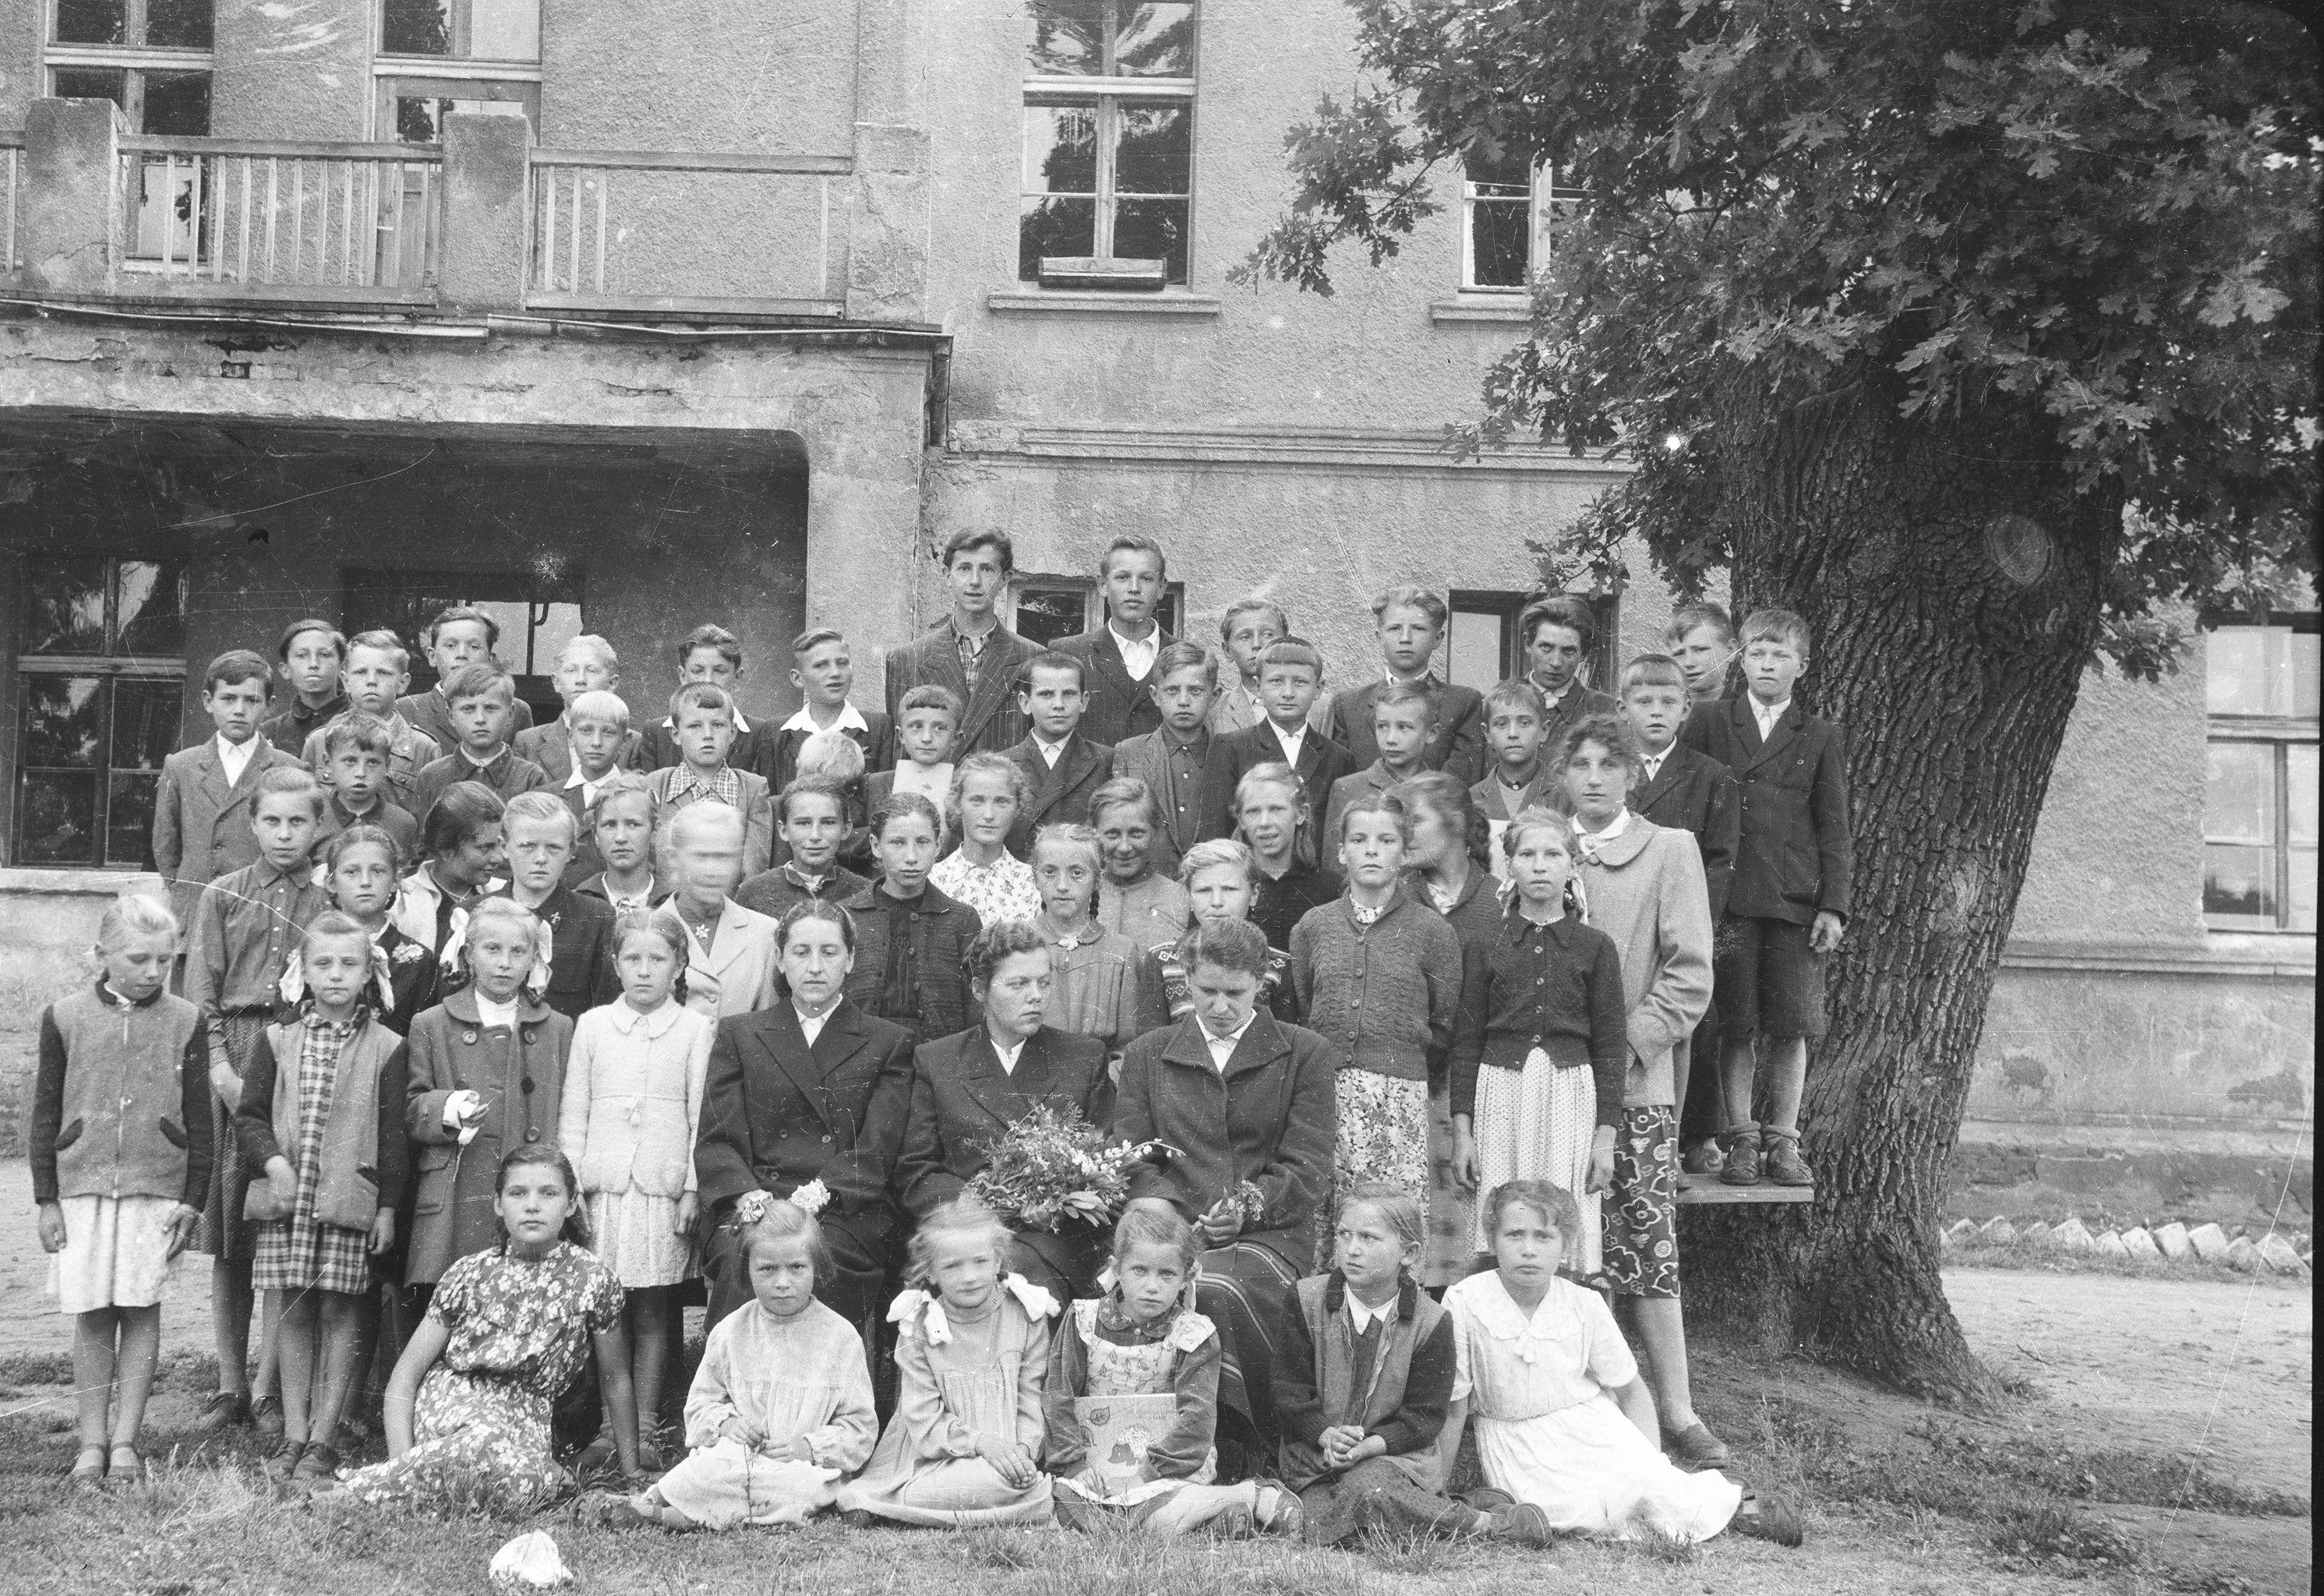 Szkoła w Białawach, Dolny Śląsk, lata 50. XX w.